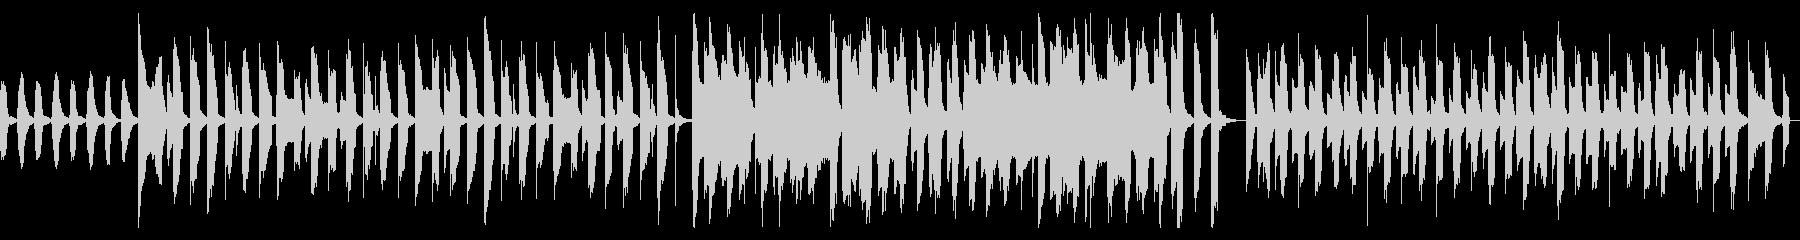 ピタゴラスイッチ風かわいいリコーダー曲の未再生の波形